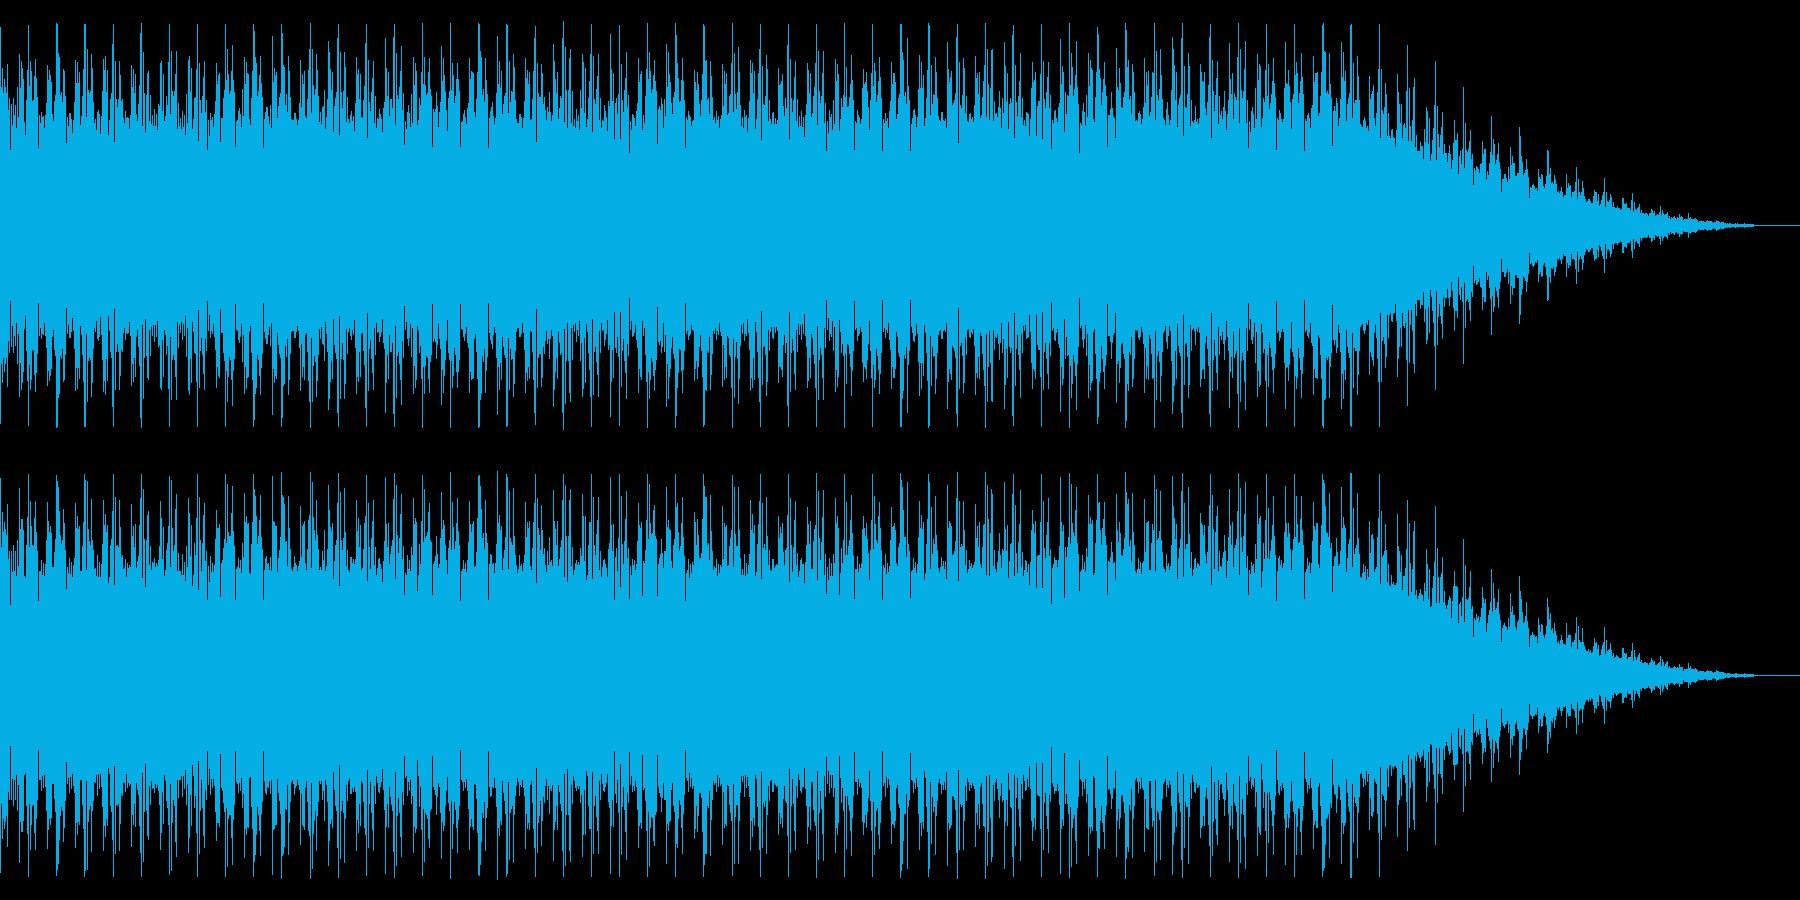 ベースの強いドラムンベースの再生済みの波形